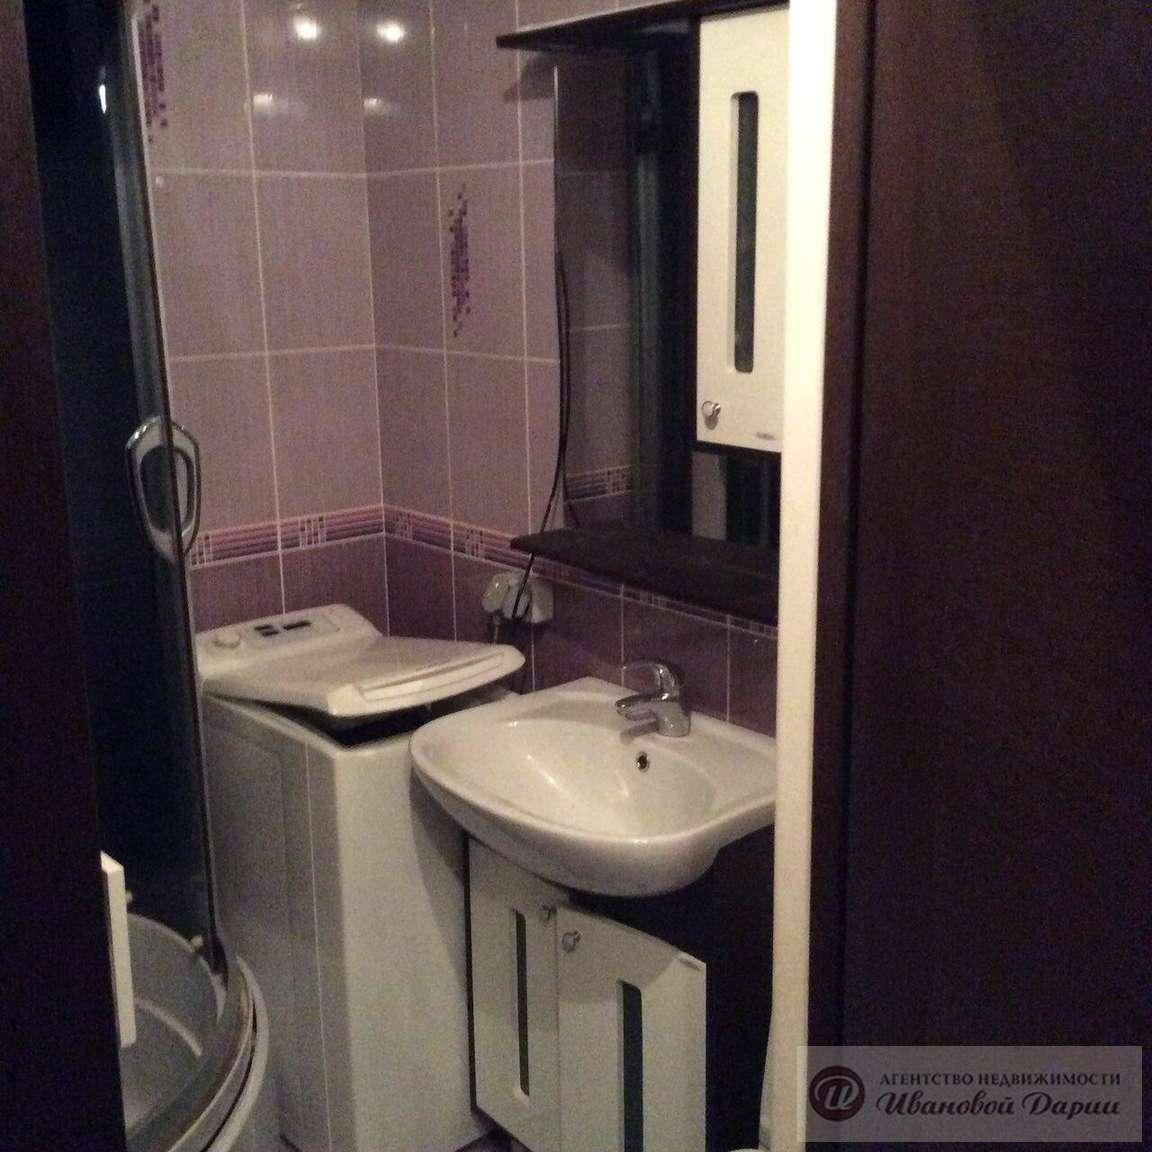 Квартира, 1 комната, 32 м² в Москве 89636587412 купить 5